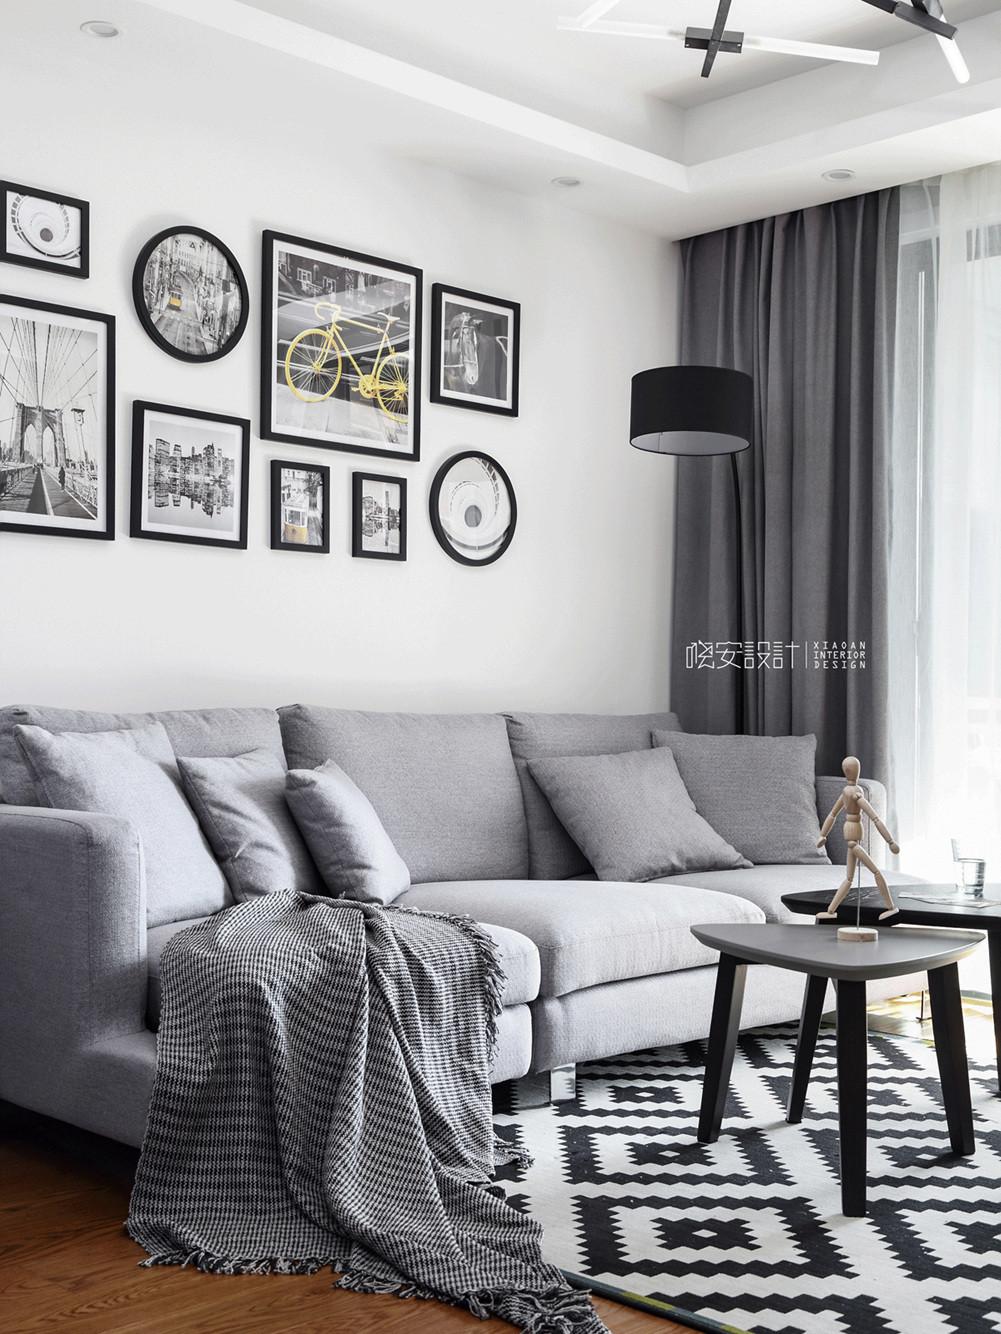 85平北欧之家沙发图片